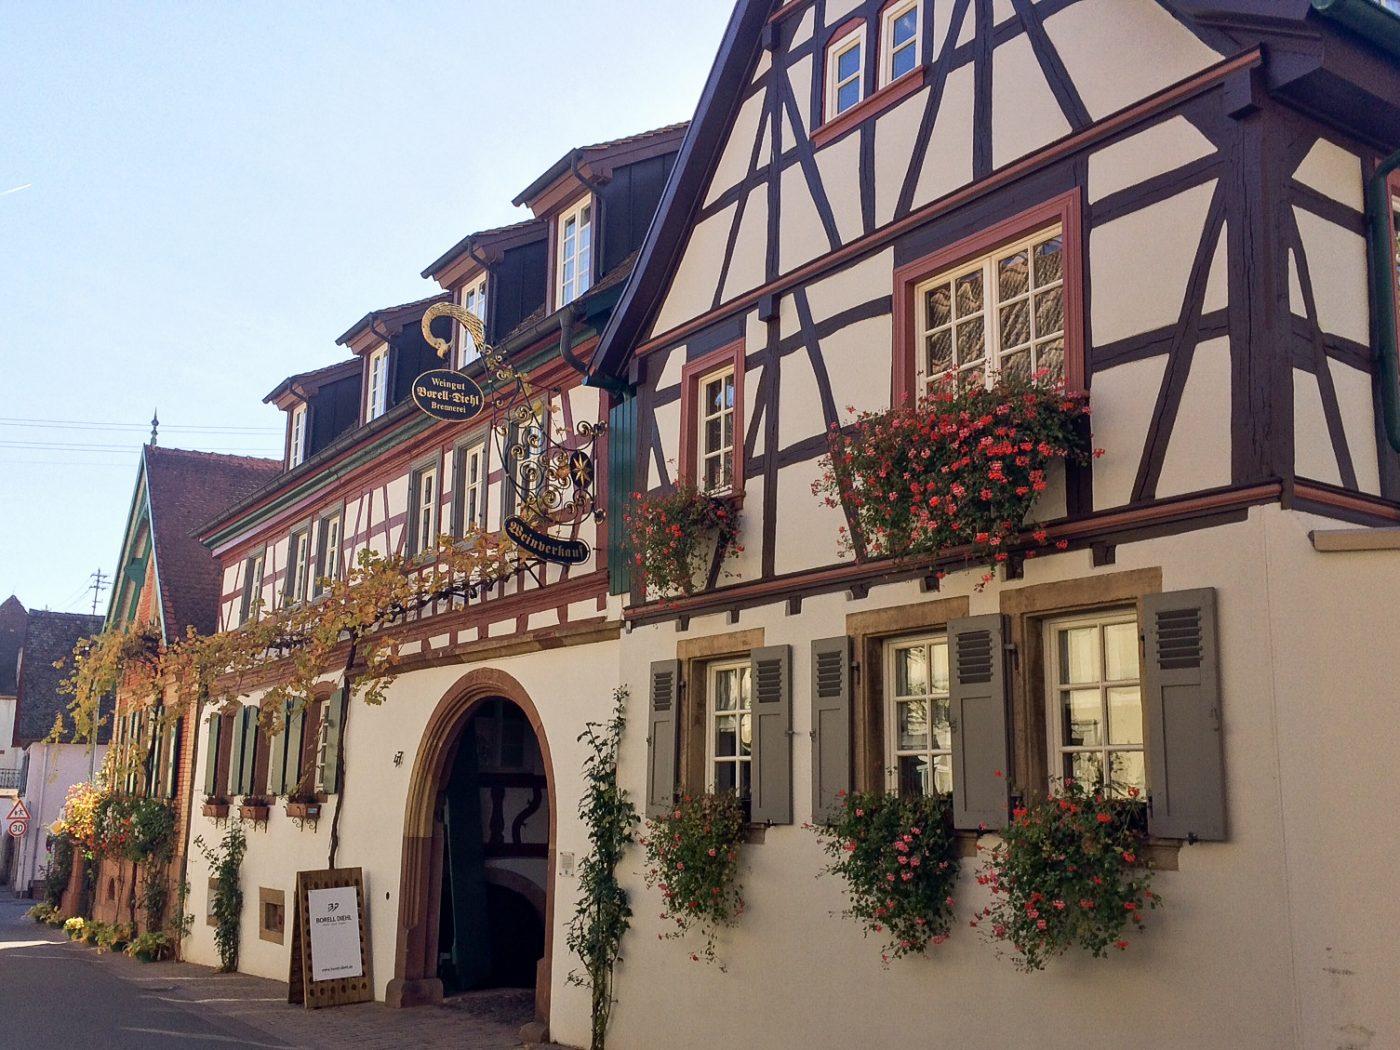 Fachwerkfassade Weingut Borell-Diehl, Pfalz